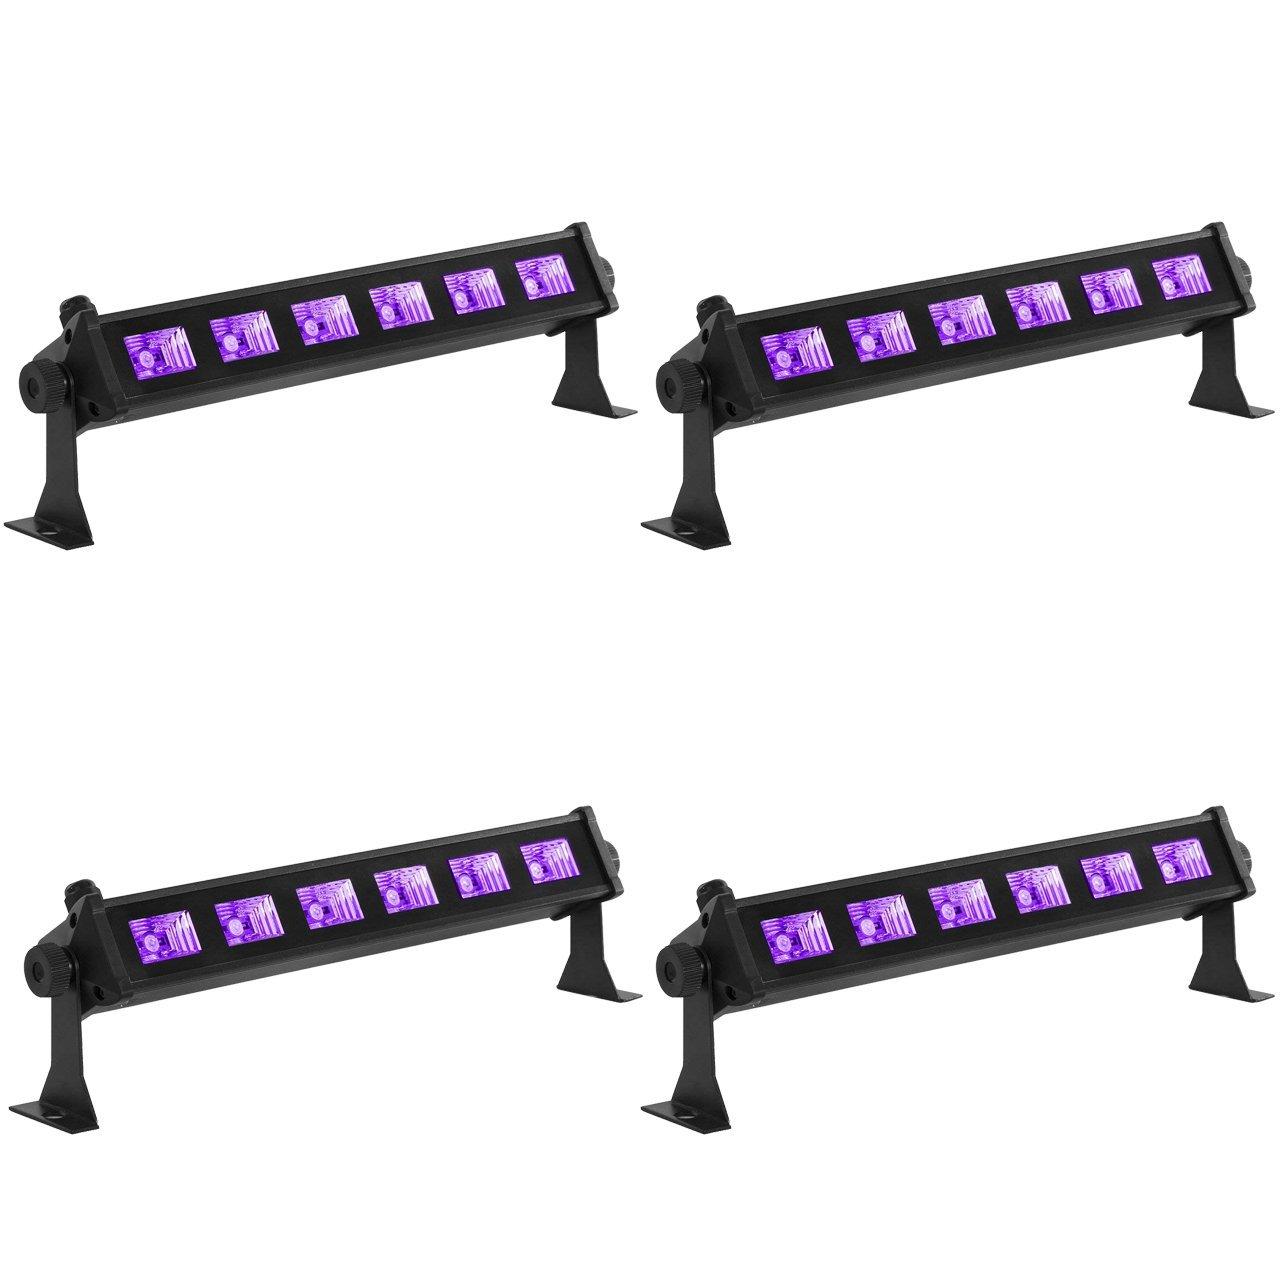 Eyourlife 6x3W LED Blacklights UV Bar Black Lights Fixture for Party DJ Stage Lighting Metal Housing Black (4pc 6x3W LED Blacklights)